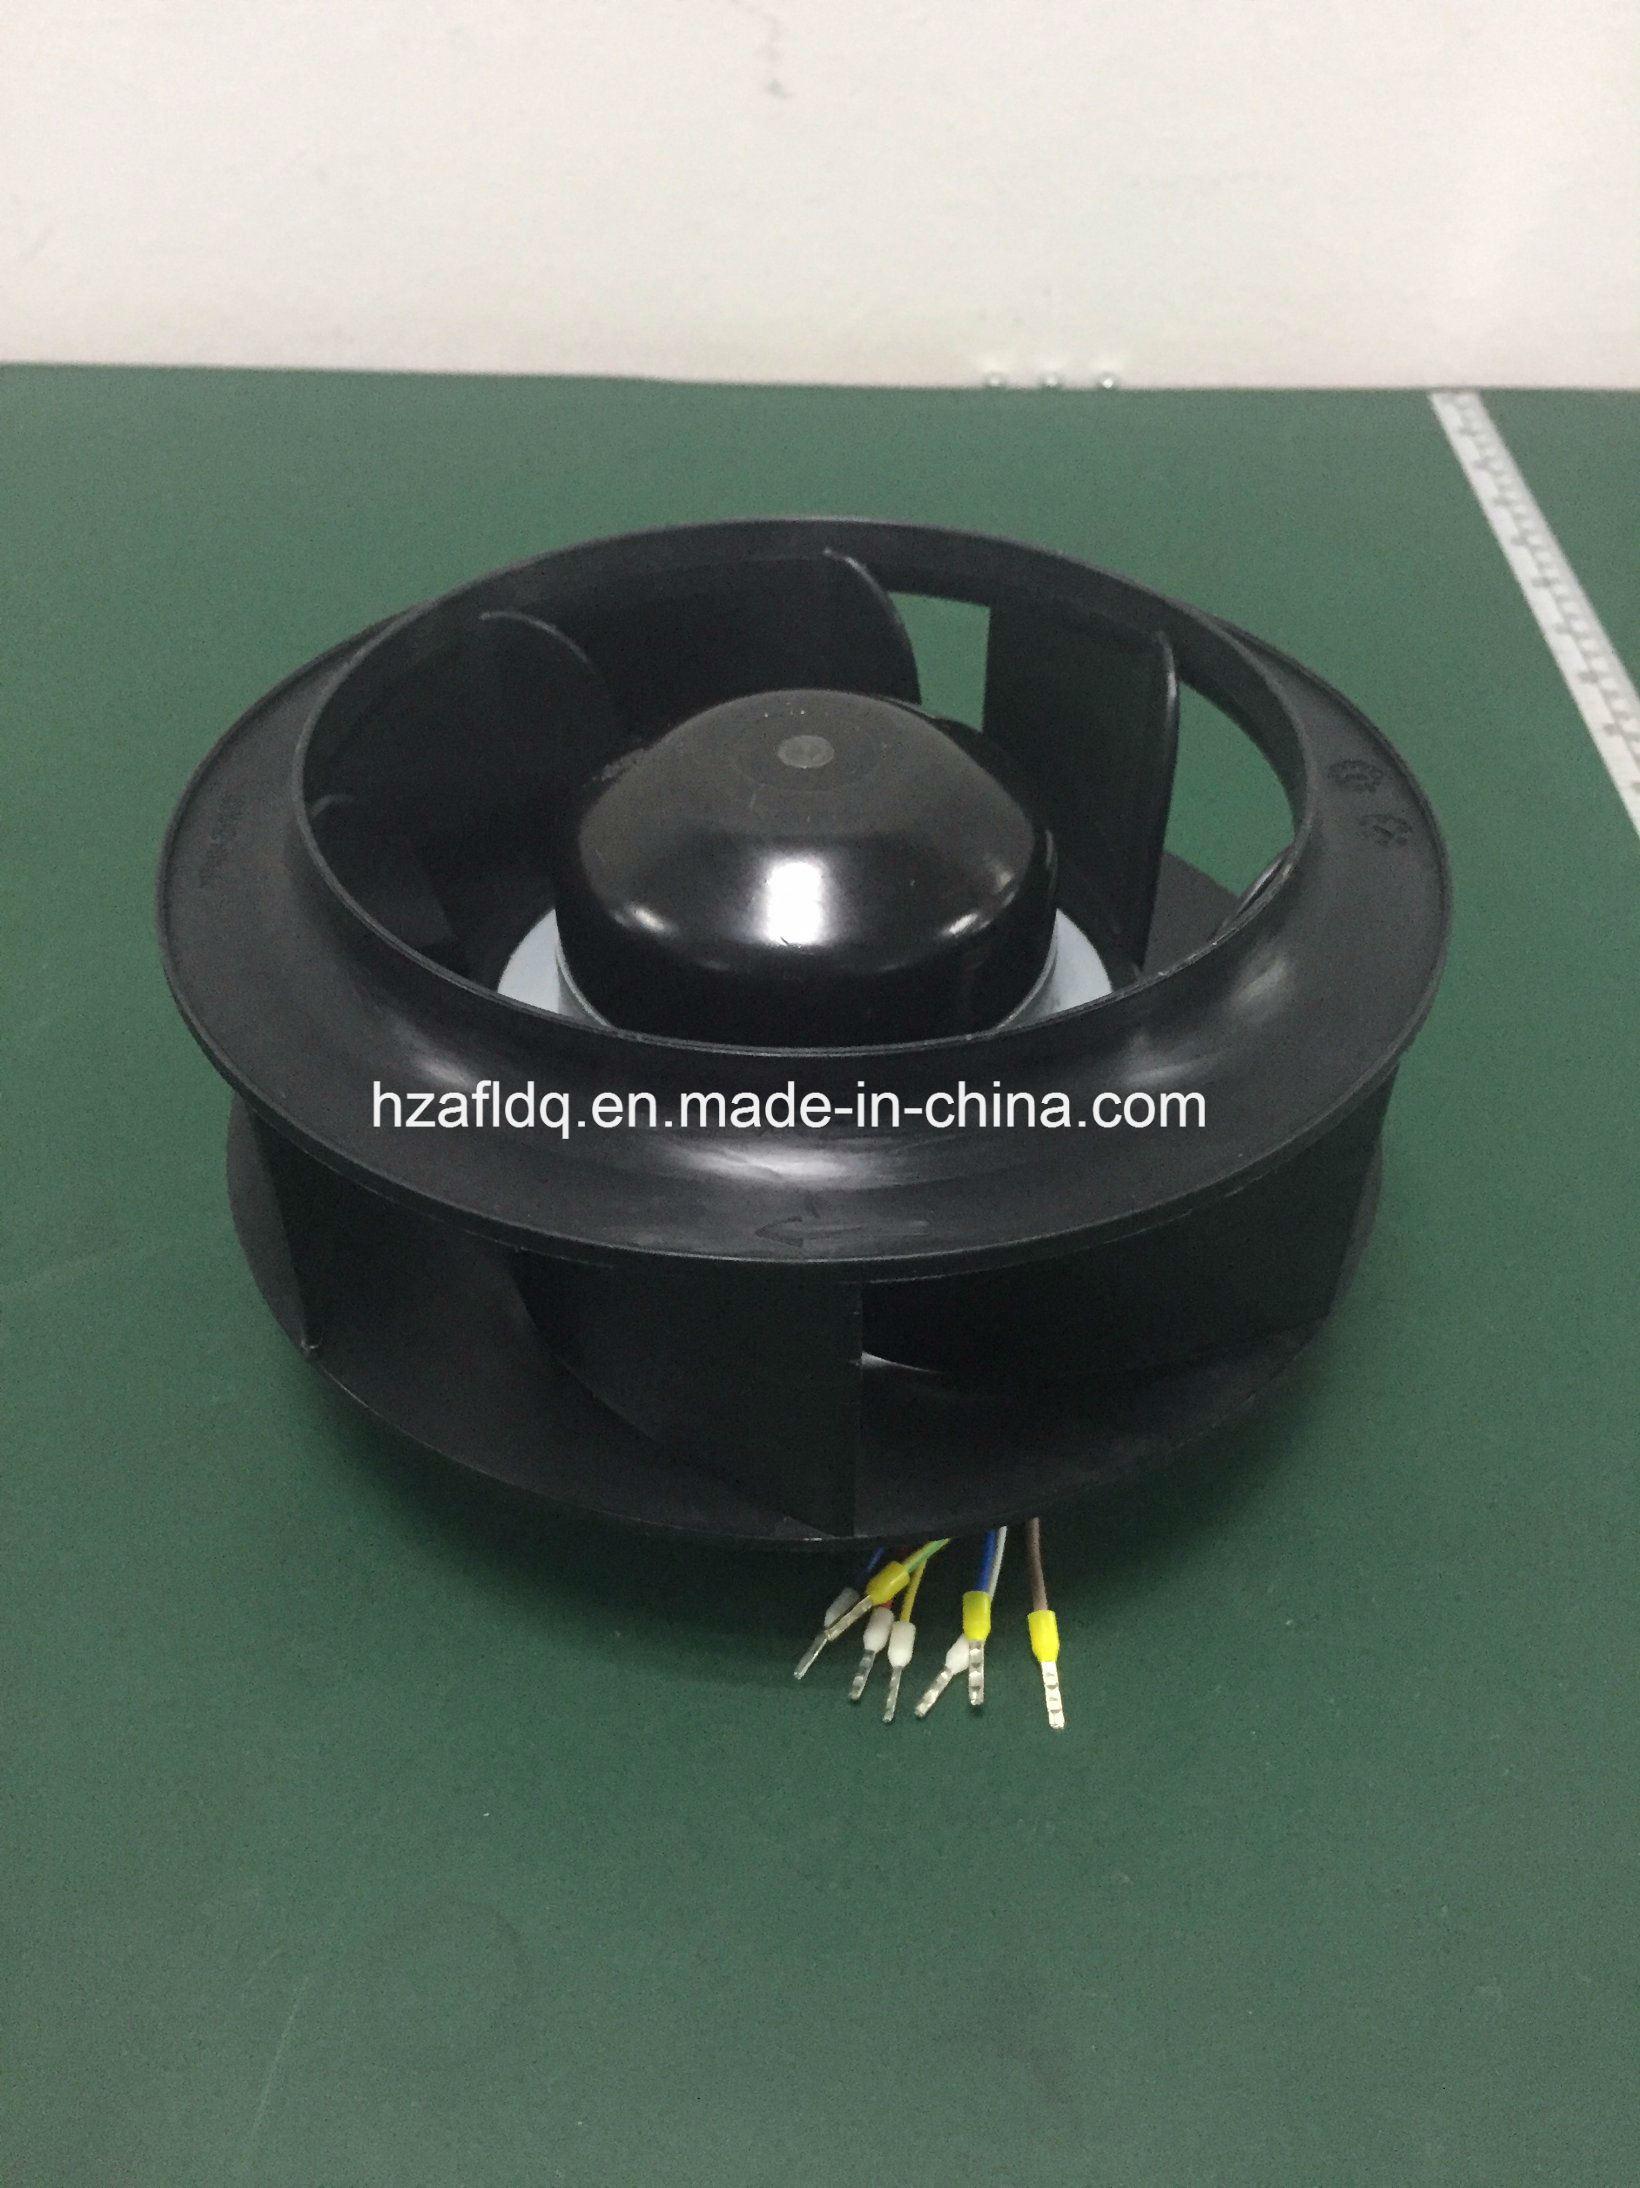 Afl Ec Backward Centrifugal Fan 175 mm